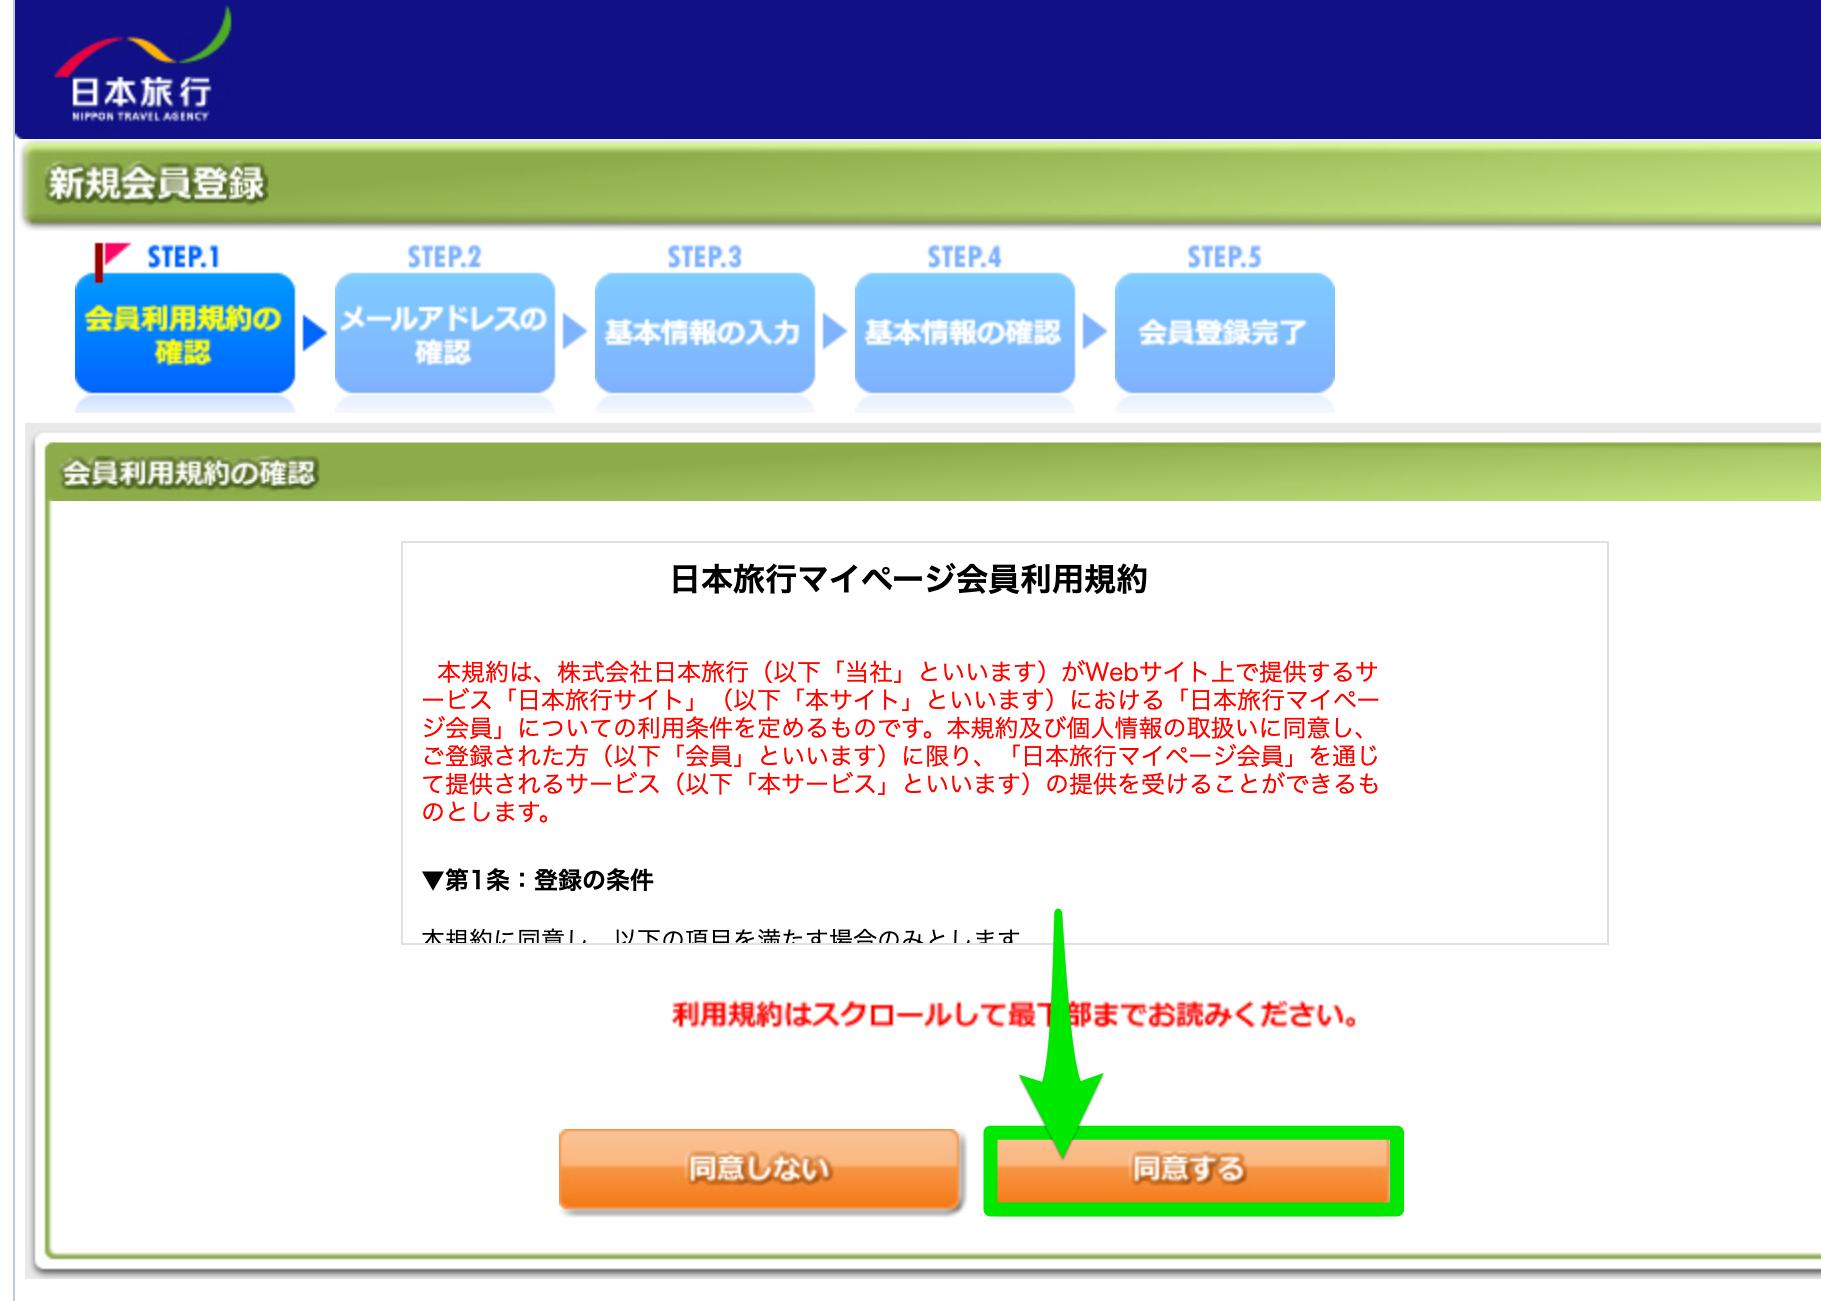 日本旅行の無料の会員登録に同意